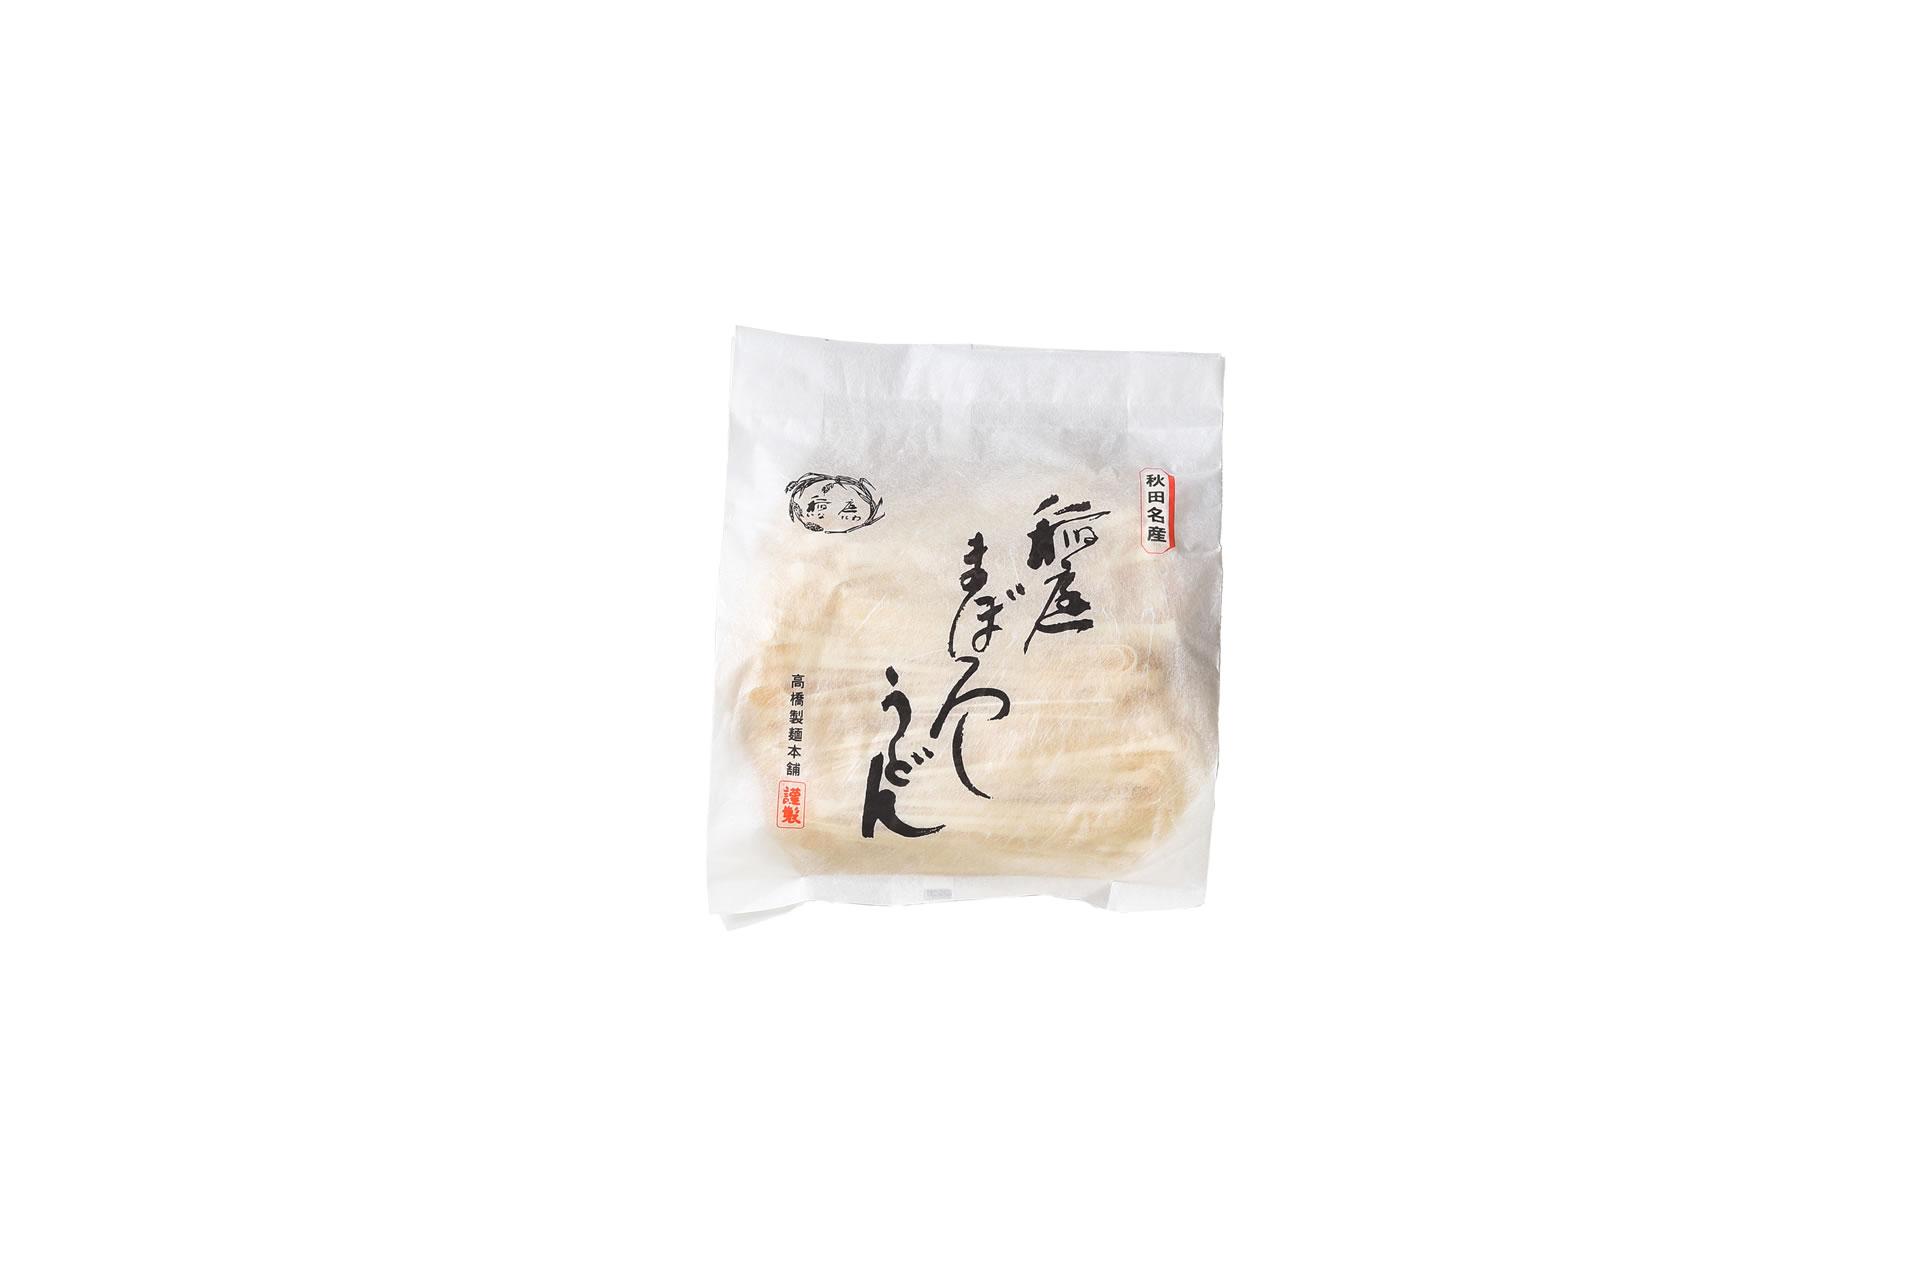 曲麺450g入り (4~5人分)